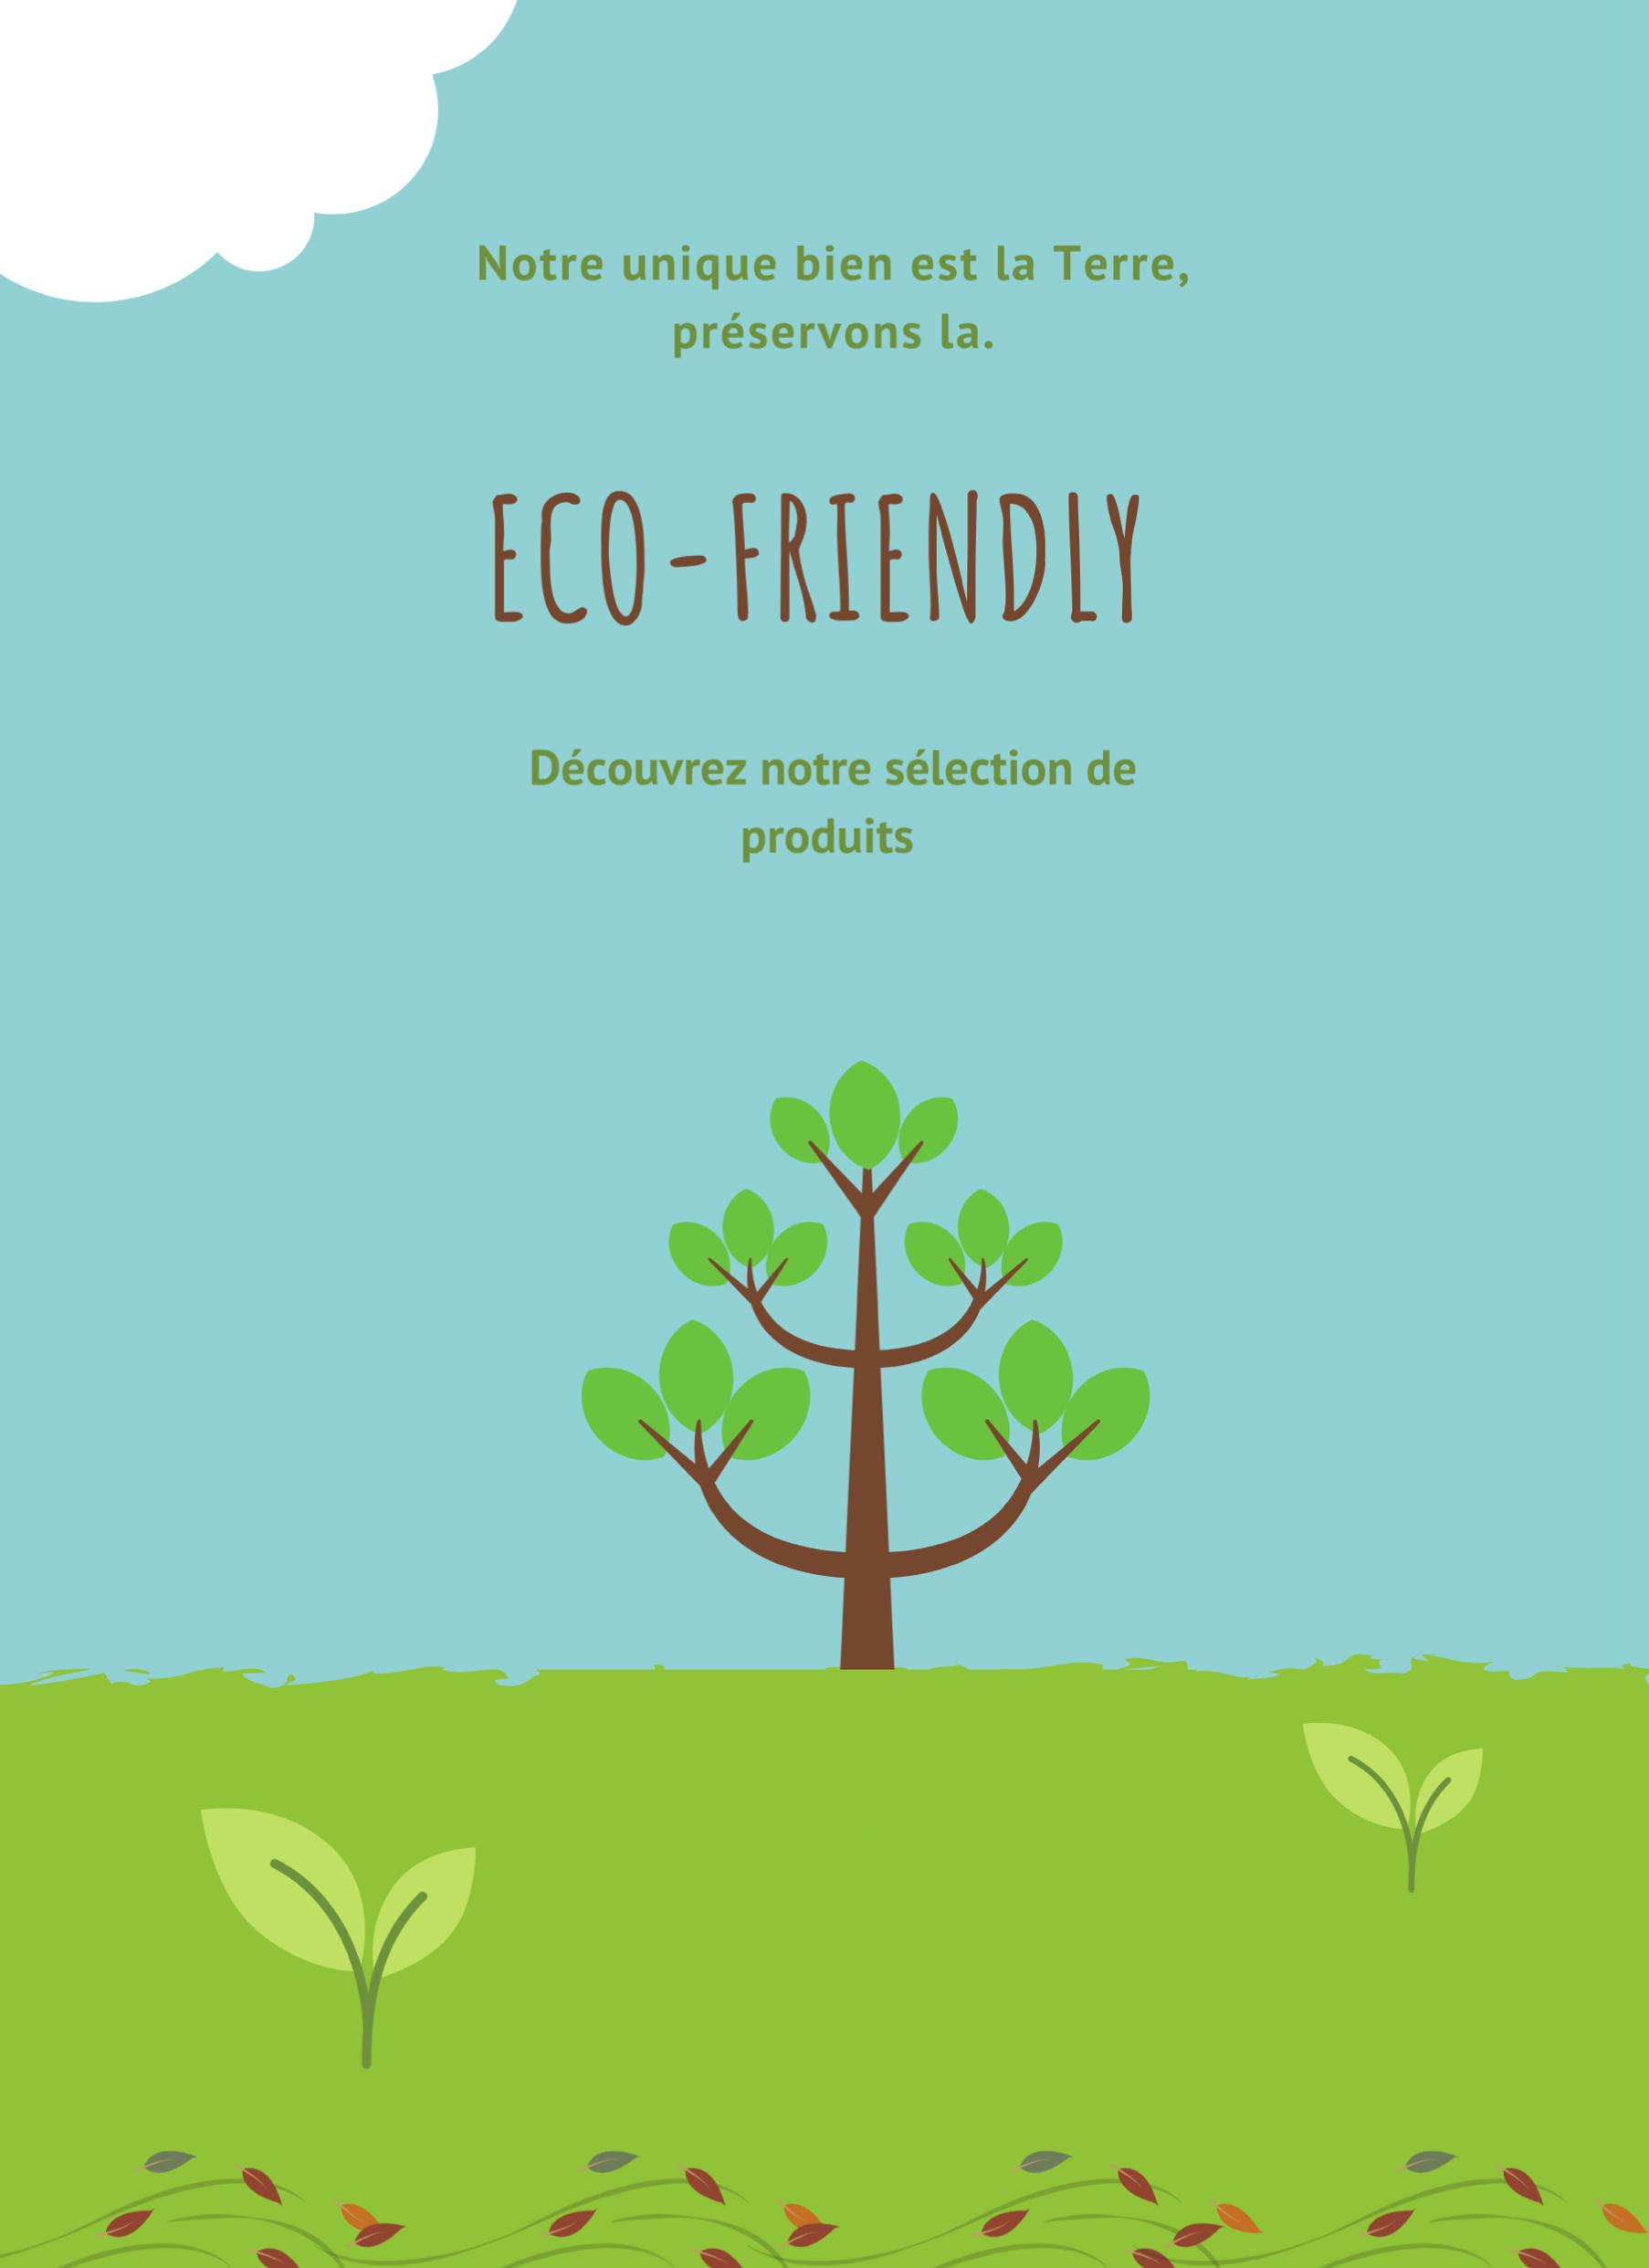 couverture-catalogue-eco-friendly